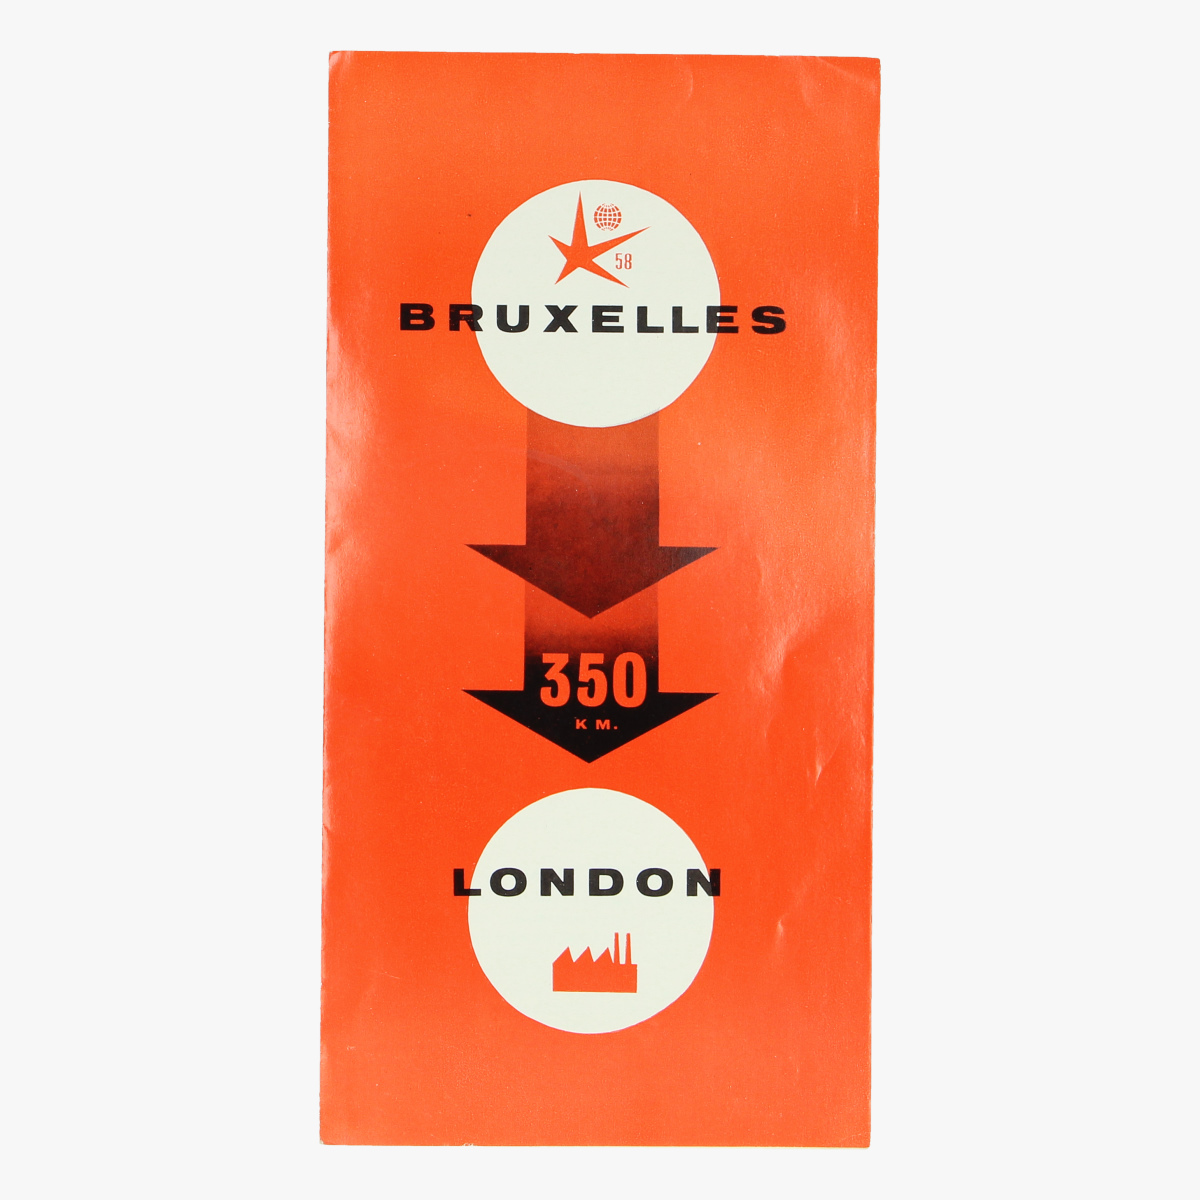 Afbeeldingen van expo 58 bruxelles 350 km. london